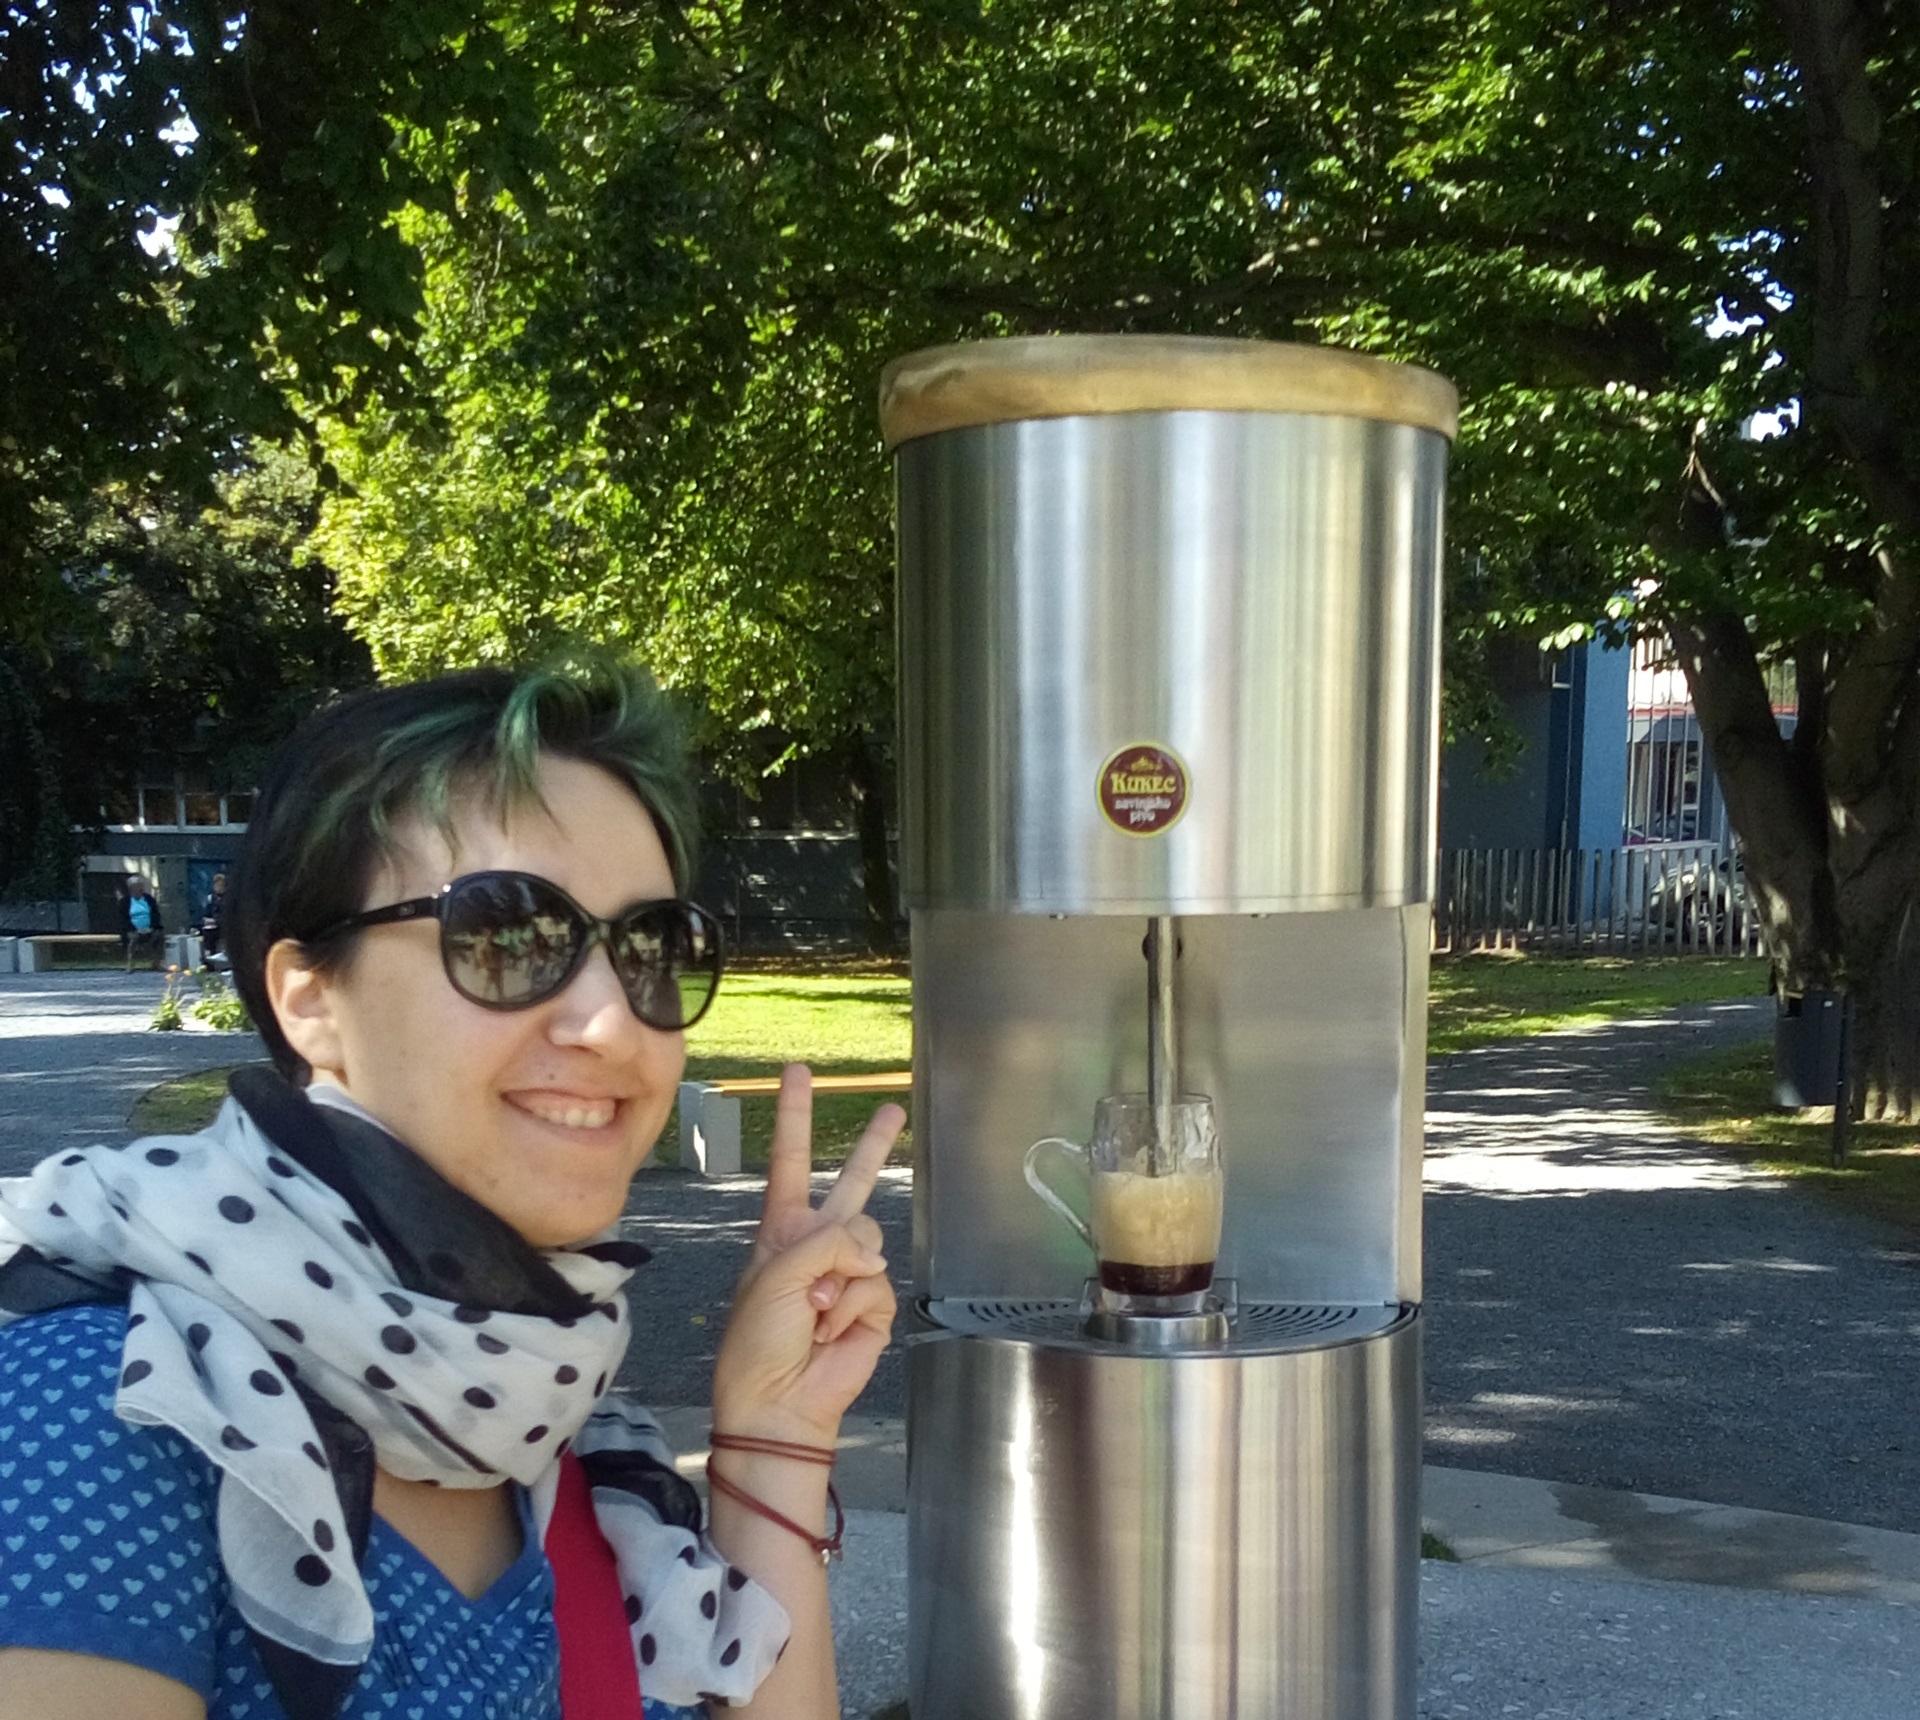 La fontana di birra di Žalec: un sogno per tutti i birrofili